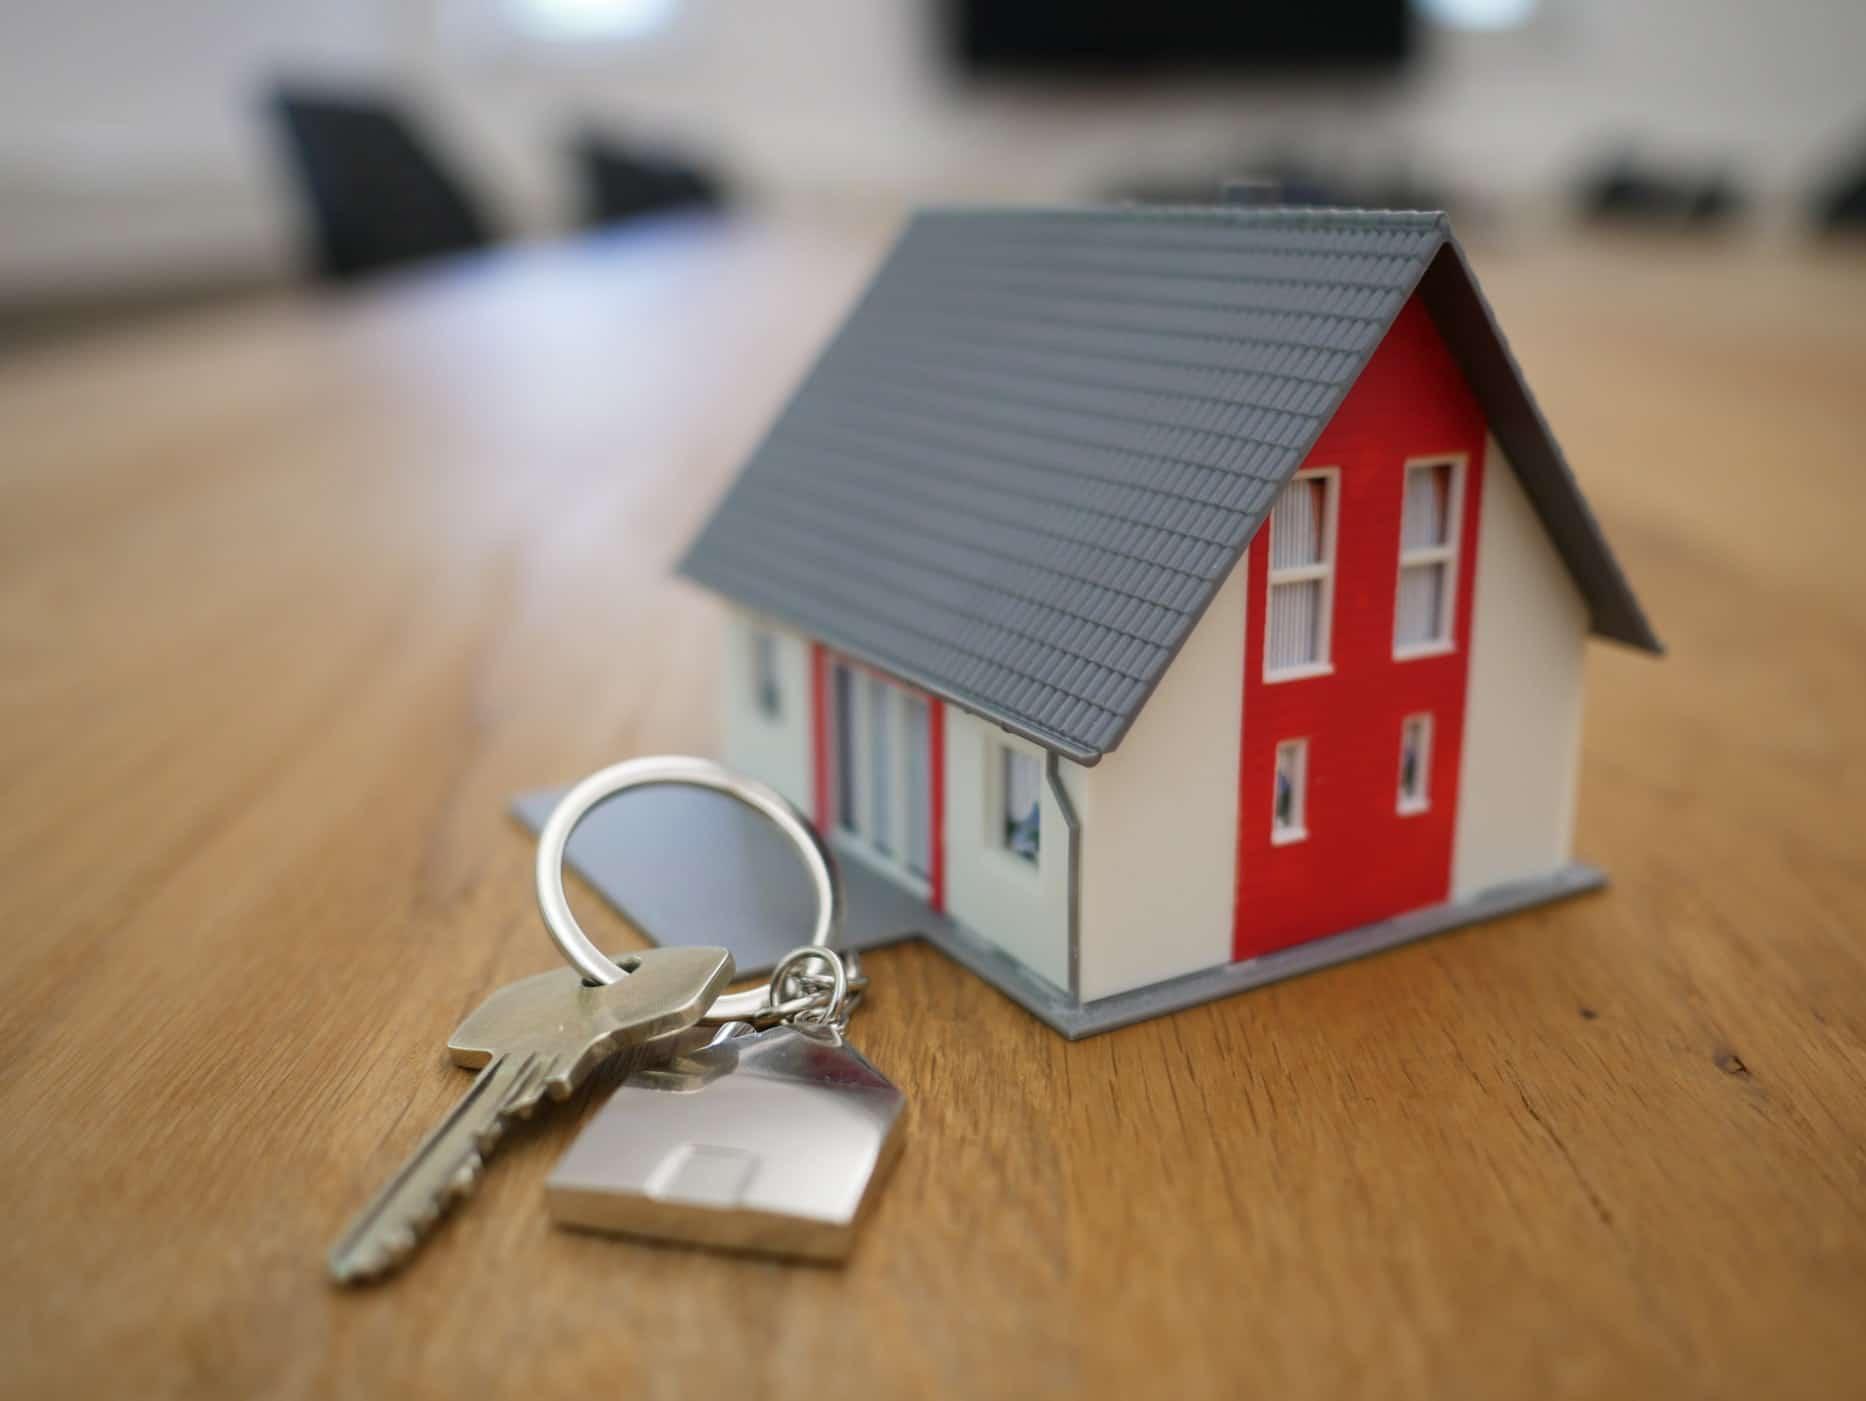 a miniature house and a key